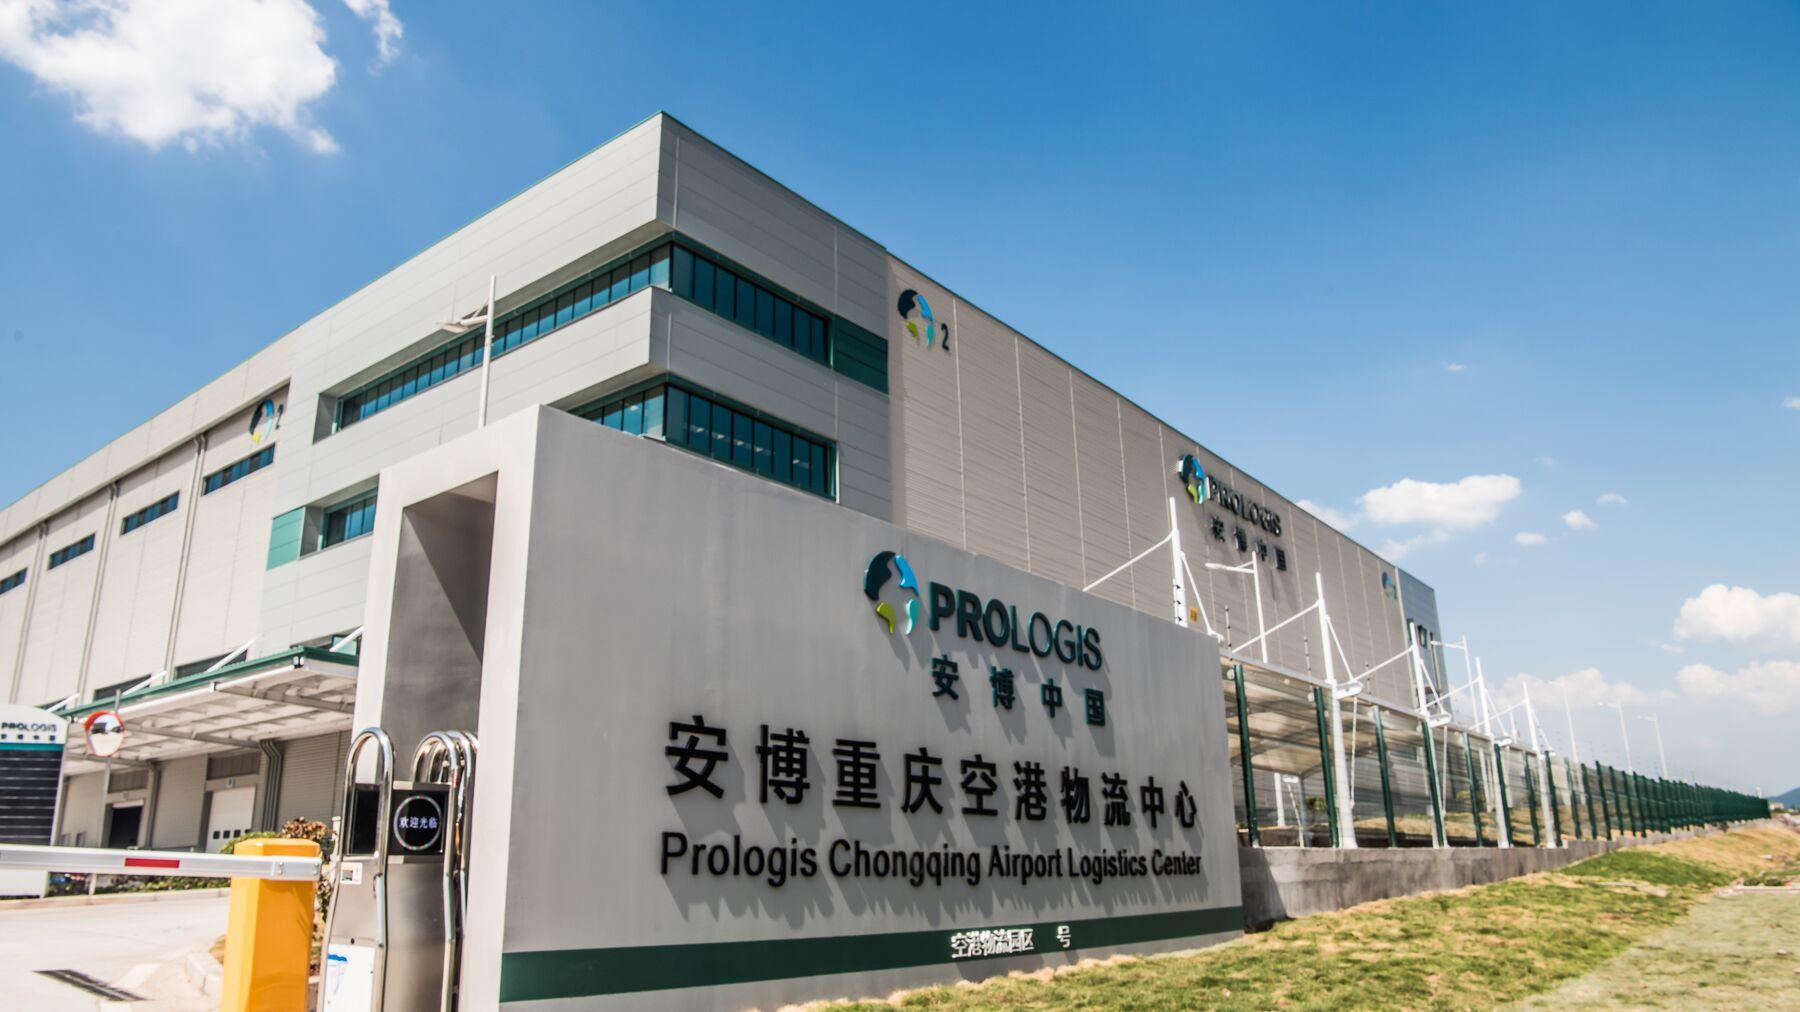 DPM-Chongqing-Airport-Logistics-Center_2.jpg